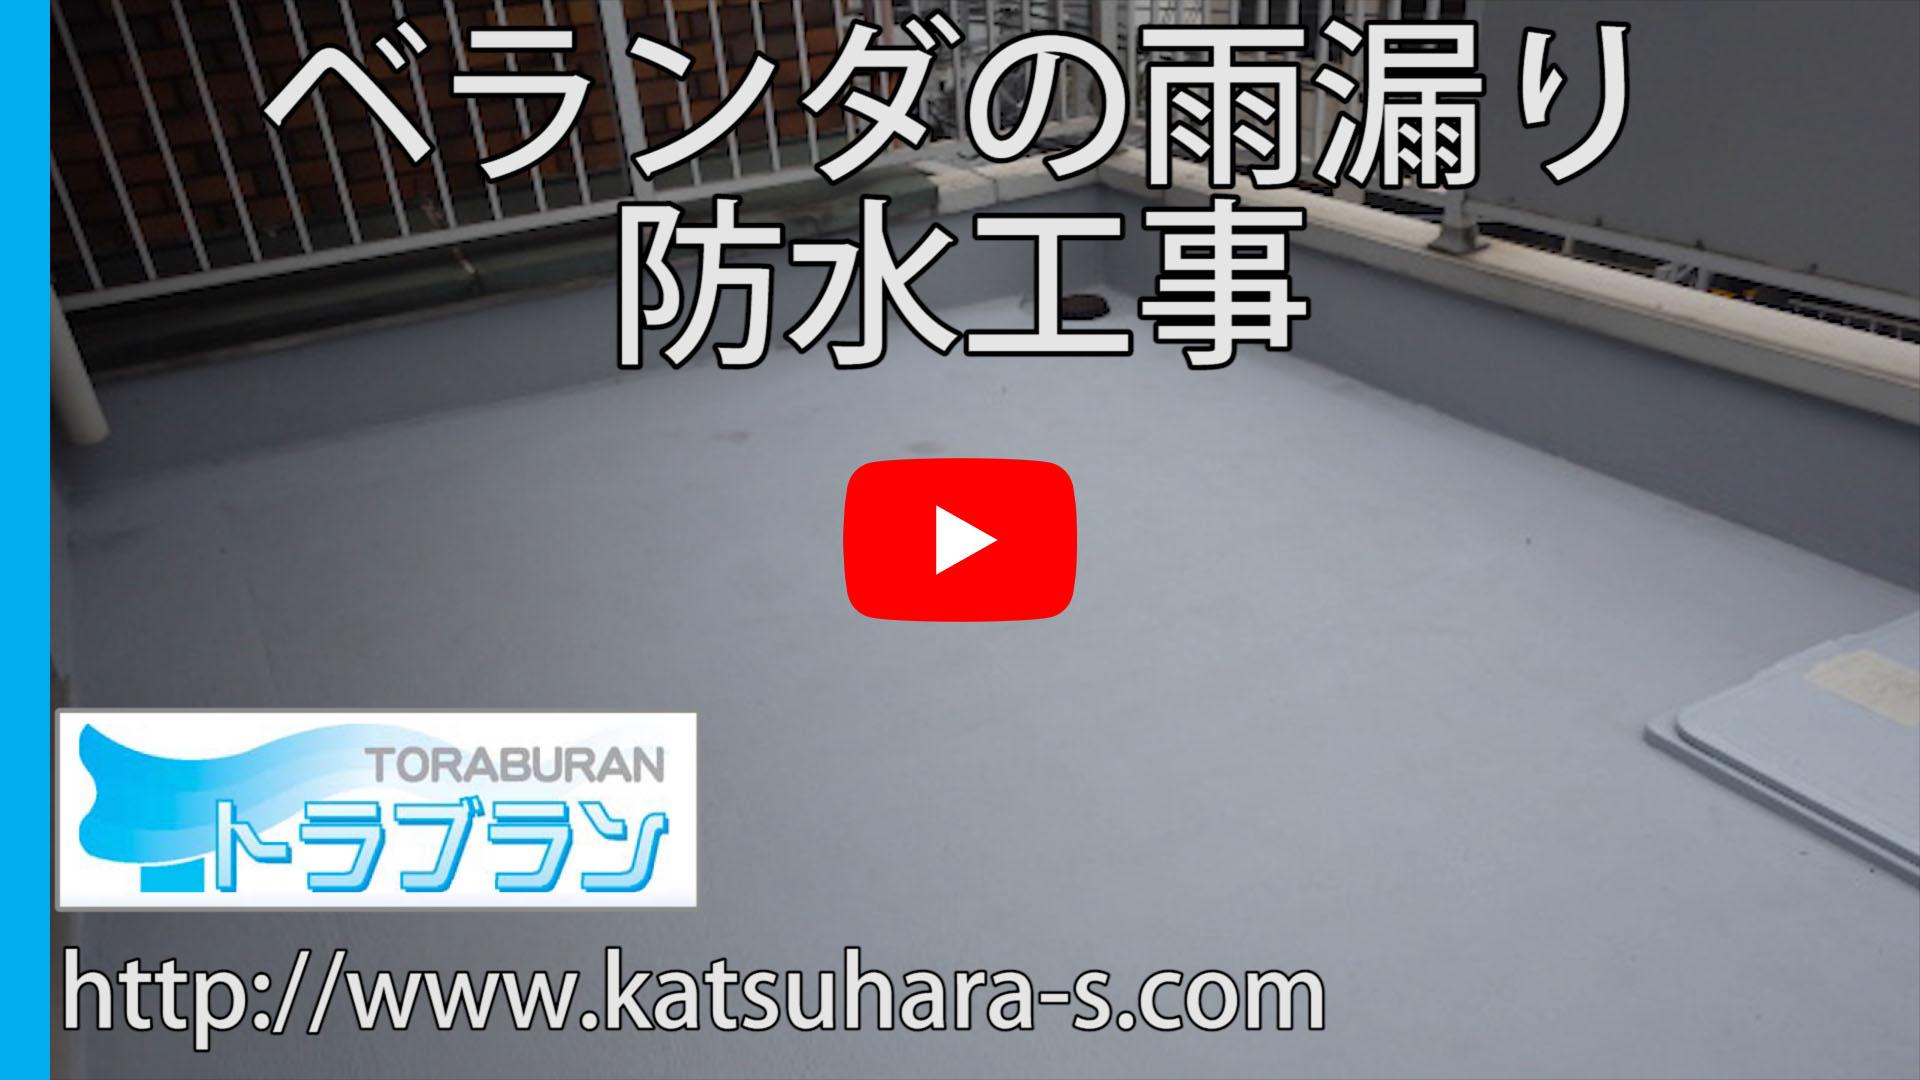 ベランダの雨漏り防水工事 神戸市 トラブラン